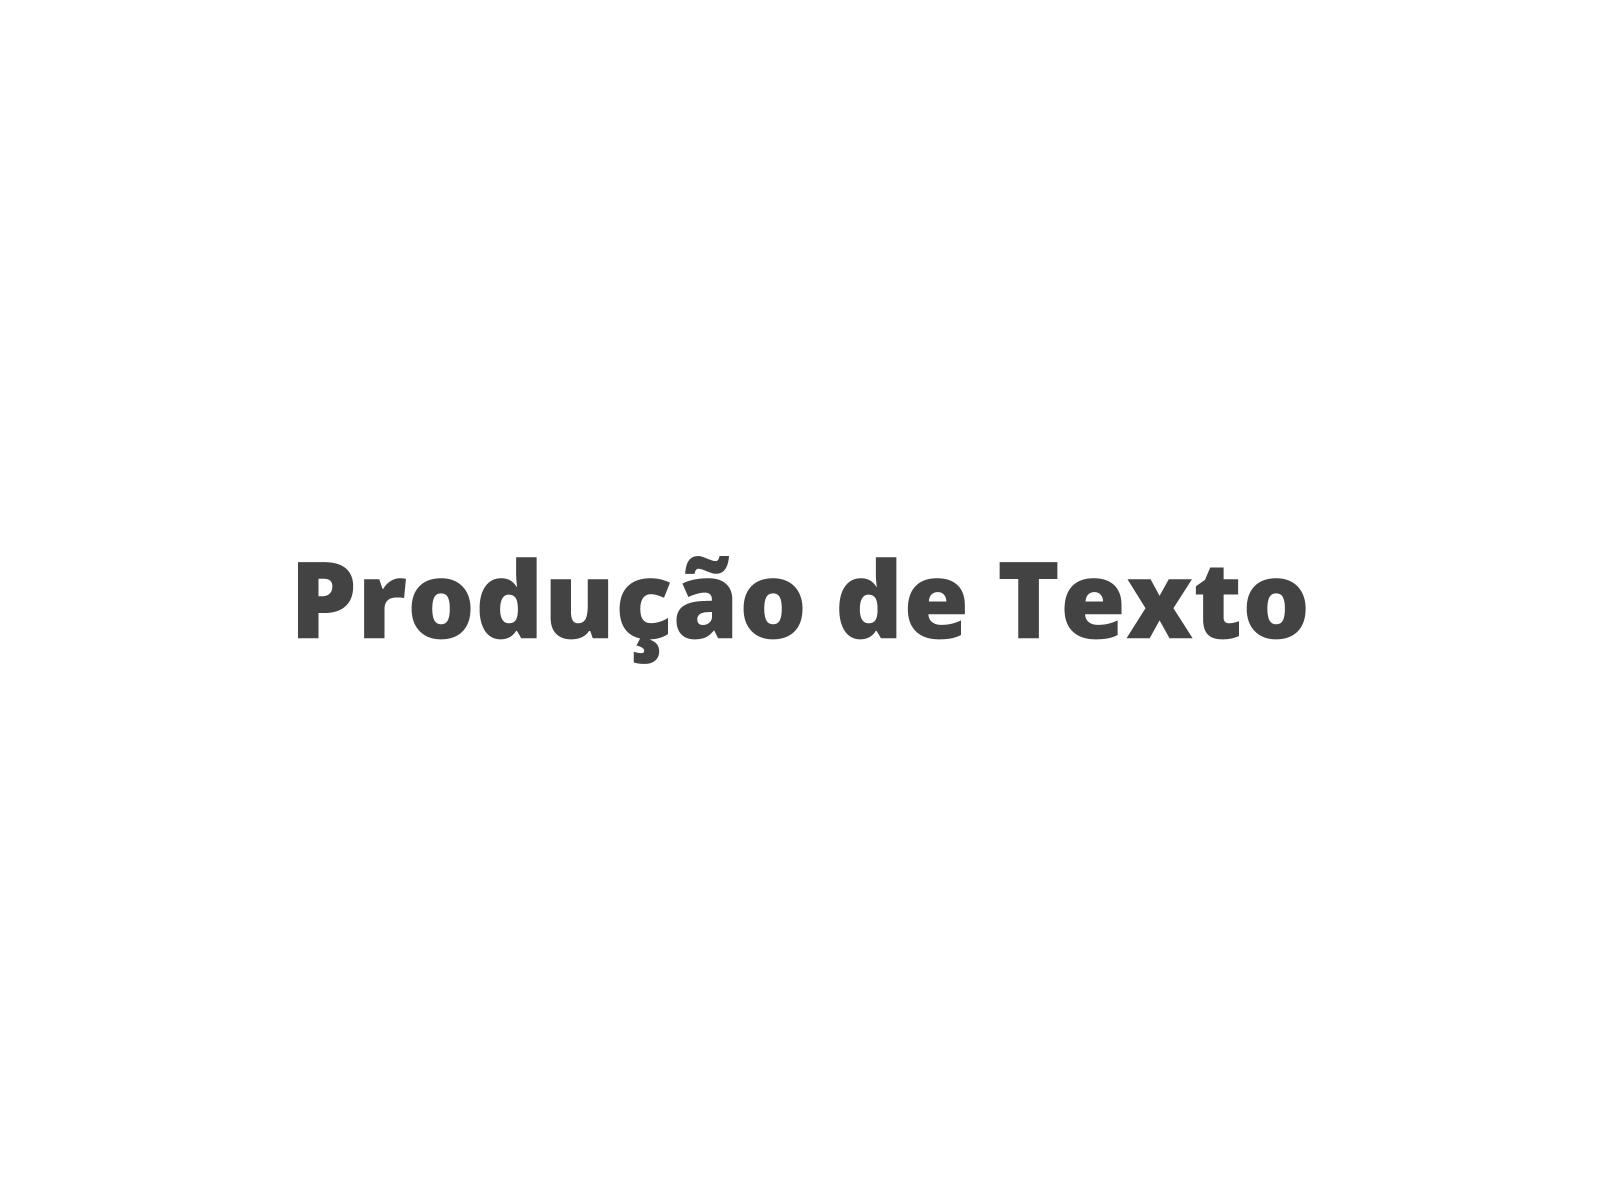 Produção de Texto - estrofe de canção